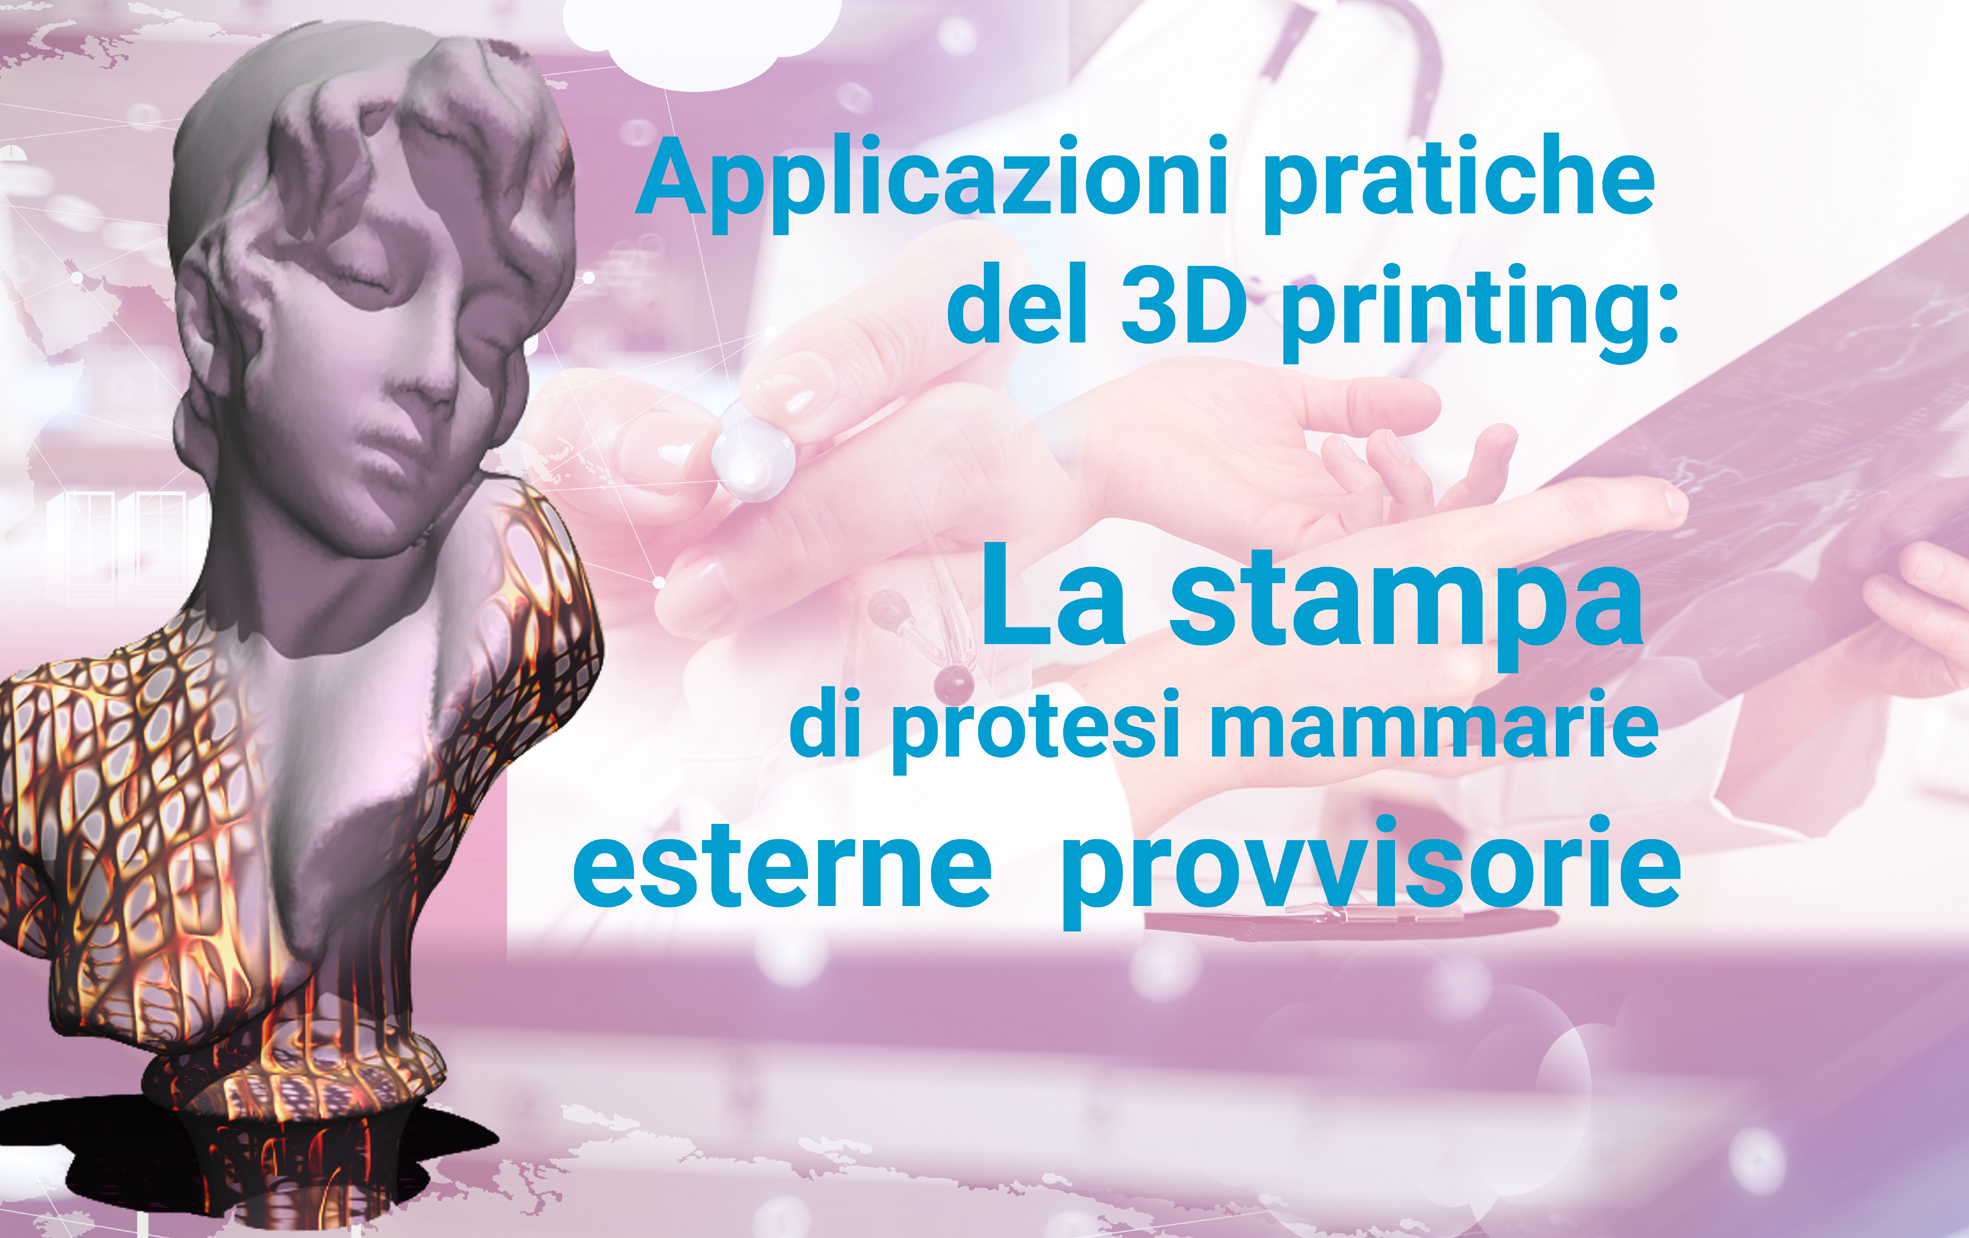 Applicazioni pratiche del 3D printing:La stampa di protesi esterne mammarie provvisorie